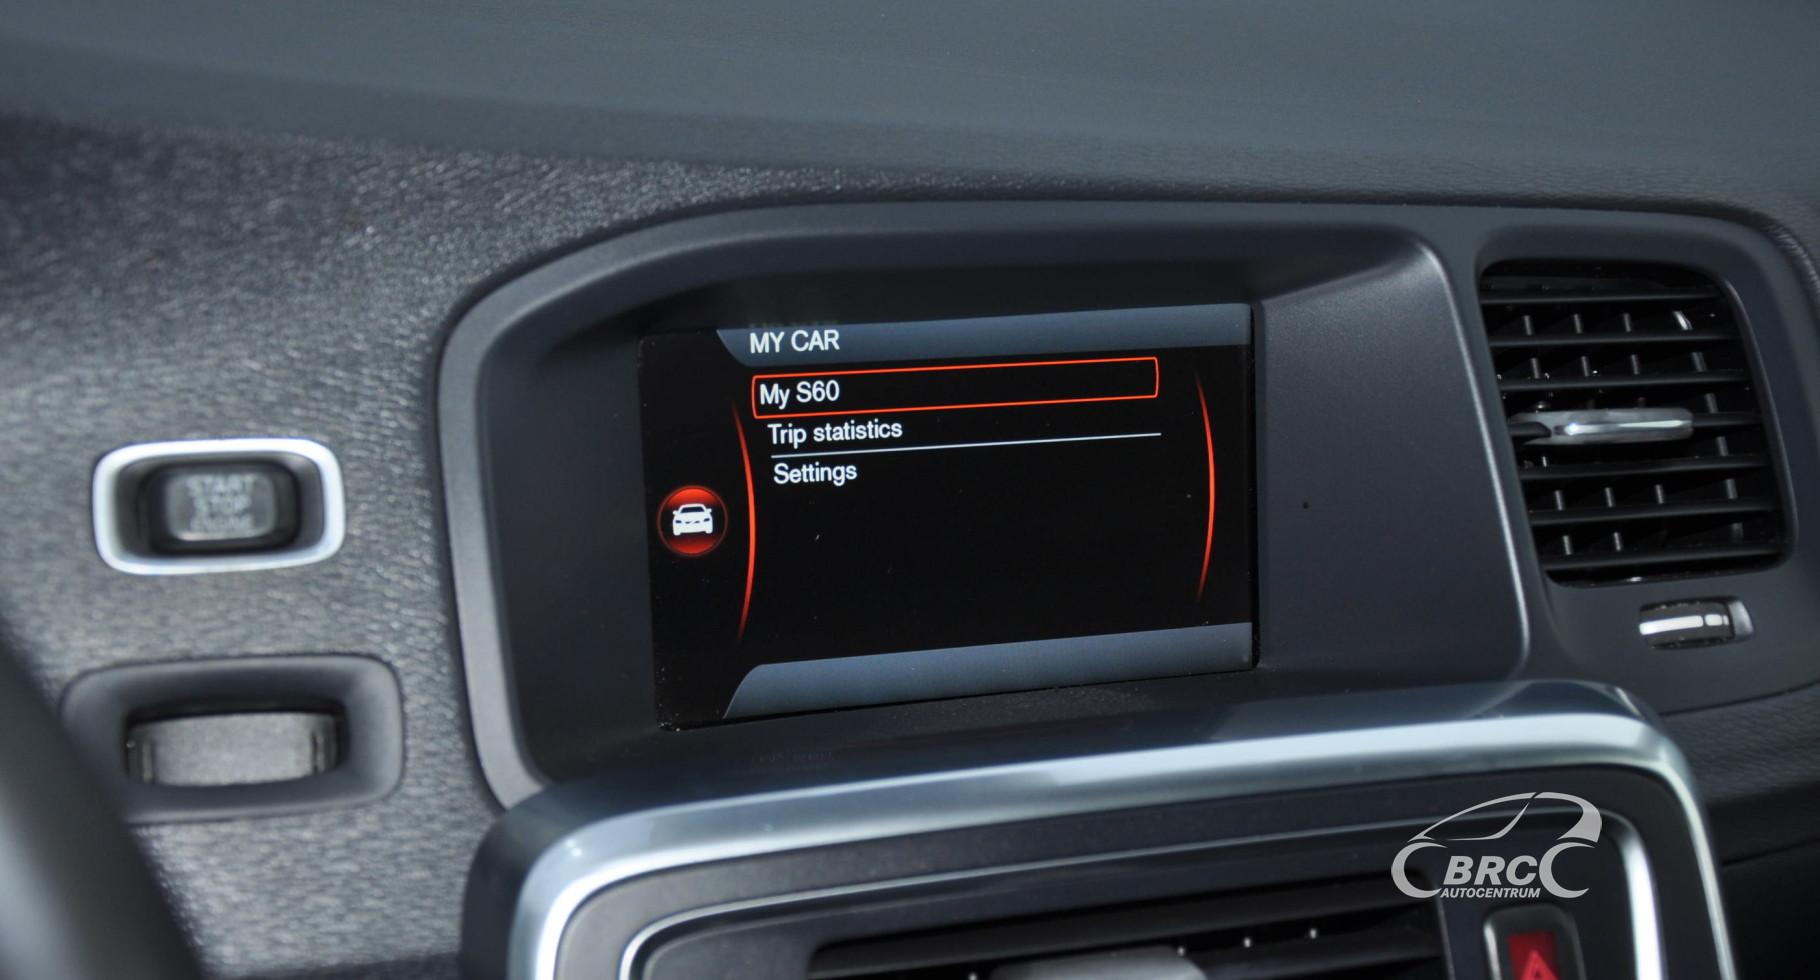 Volvo S60 3.0 T6 AWD Automatas